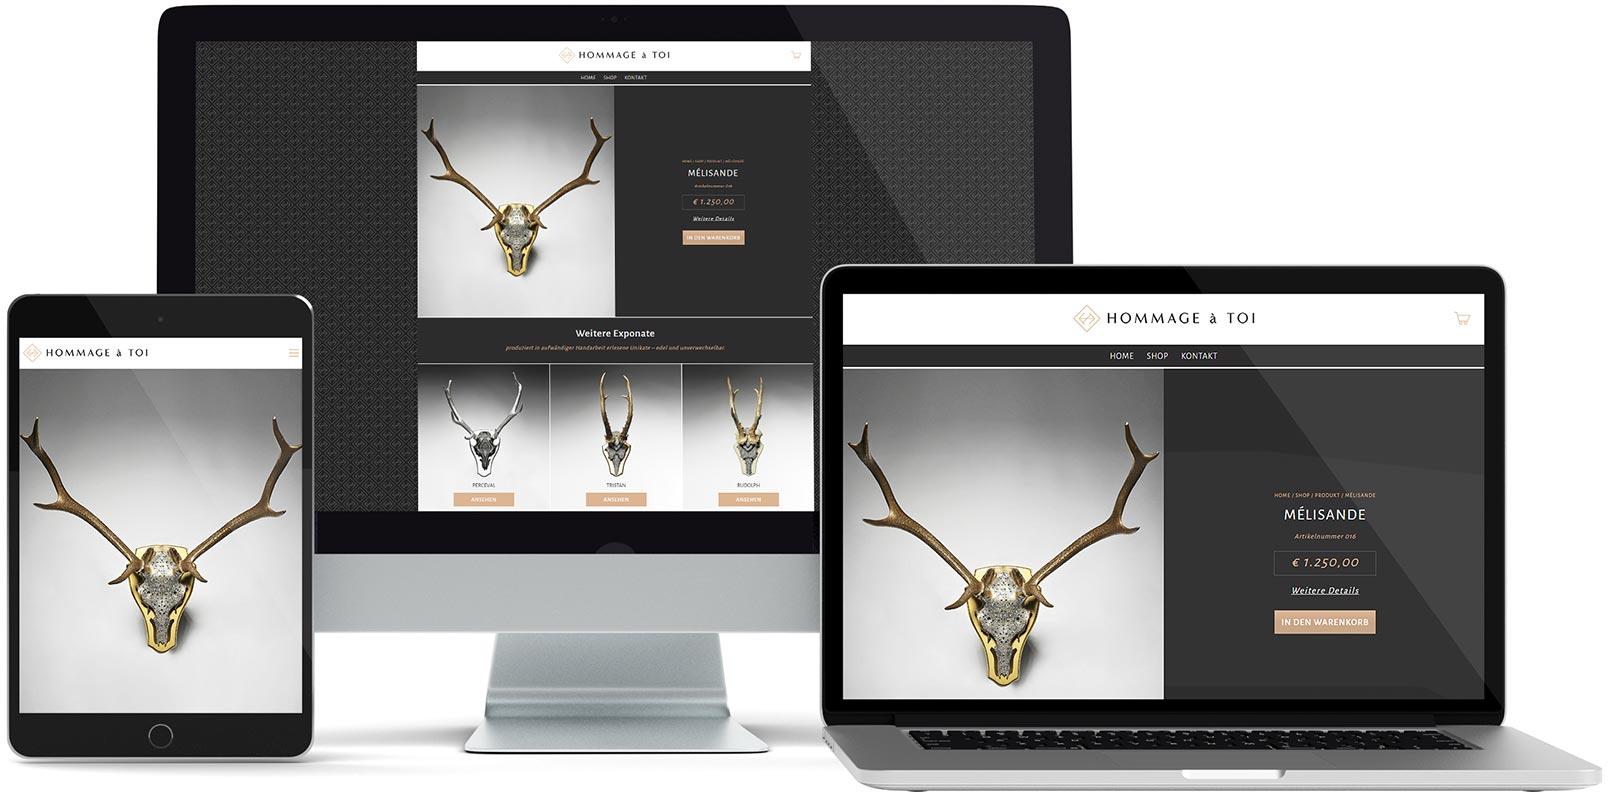 WordPress Webdesign: Hommage á toi